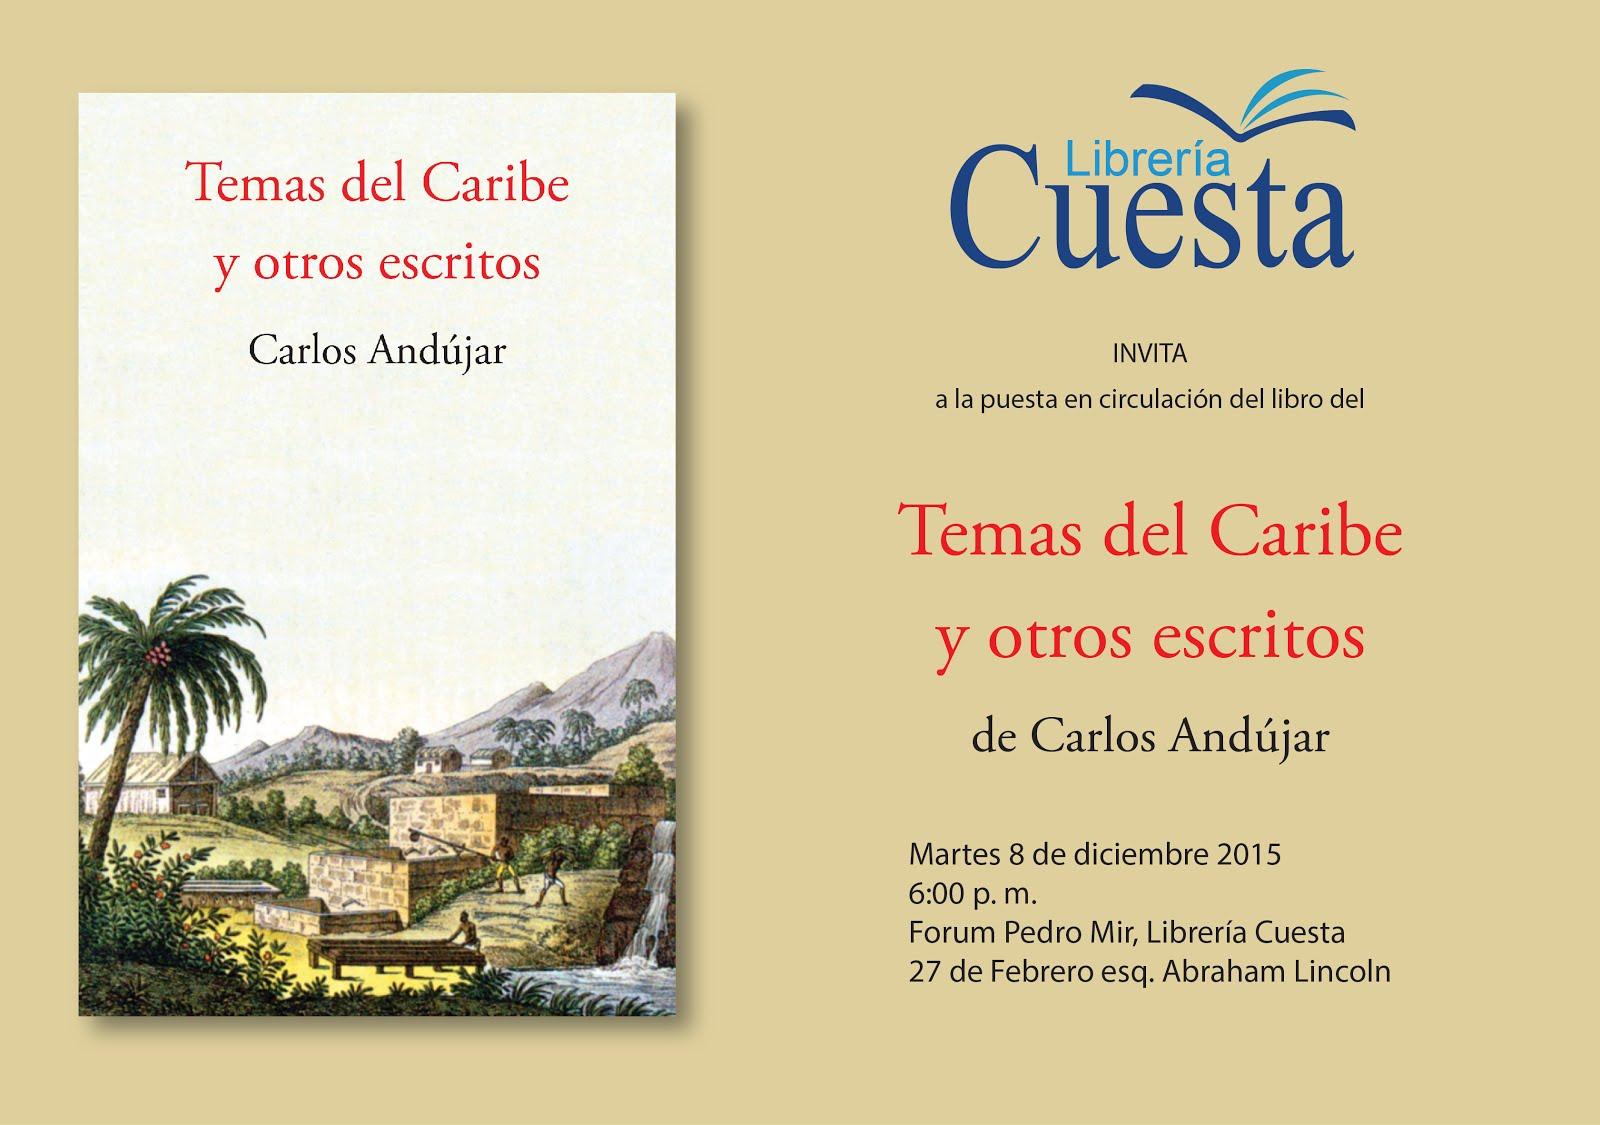 Temas del Caribe y otros escritos,